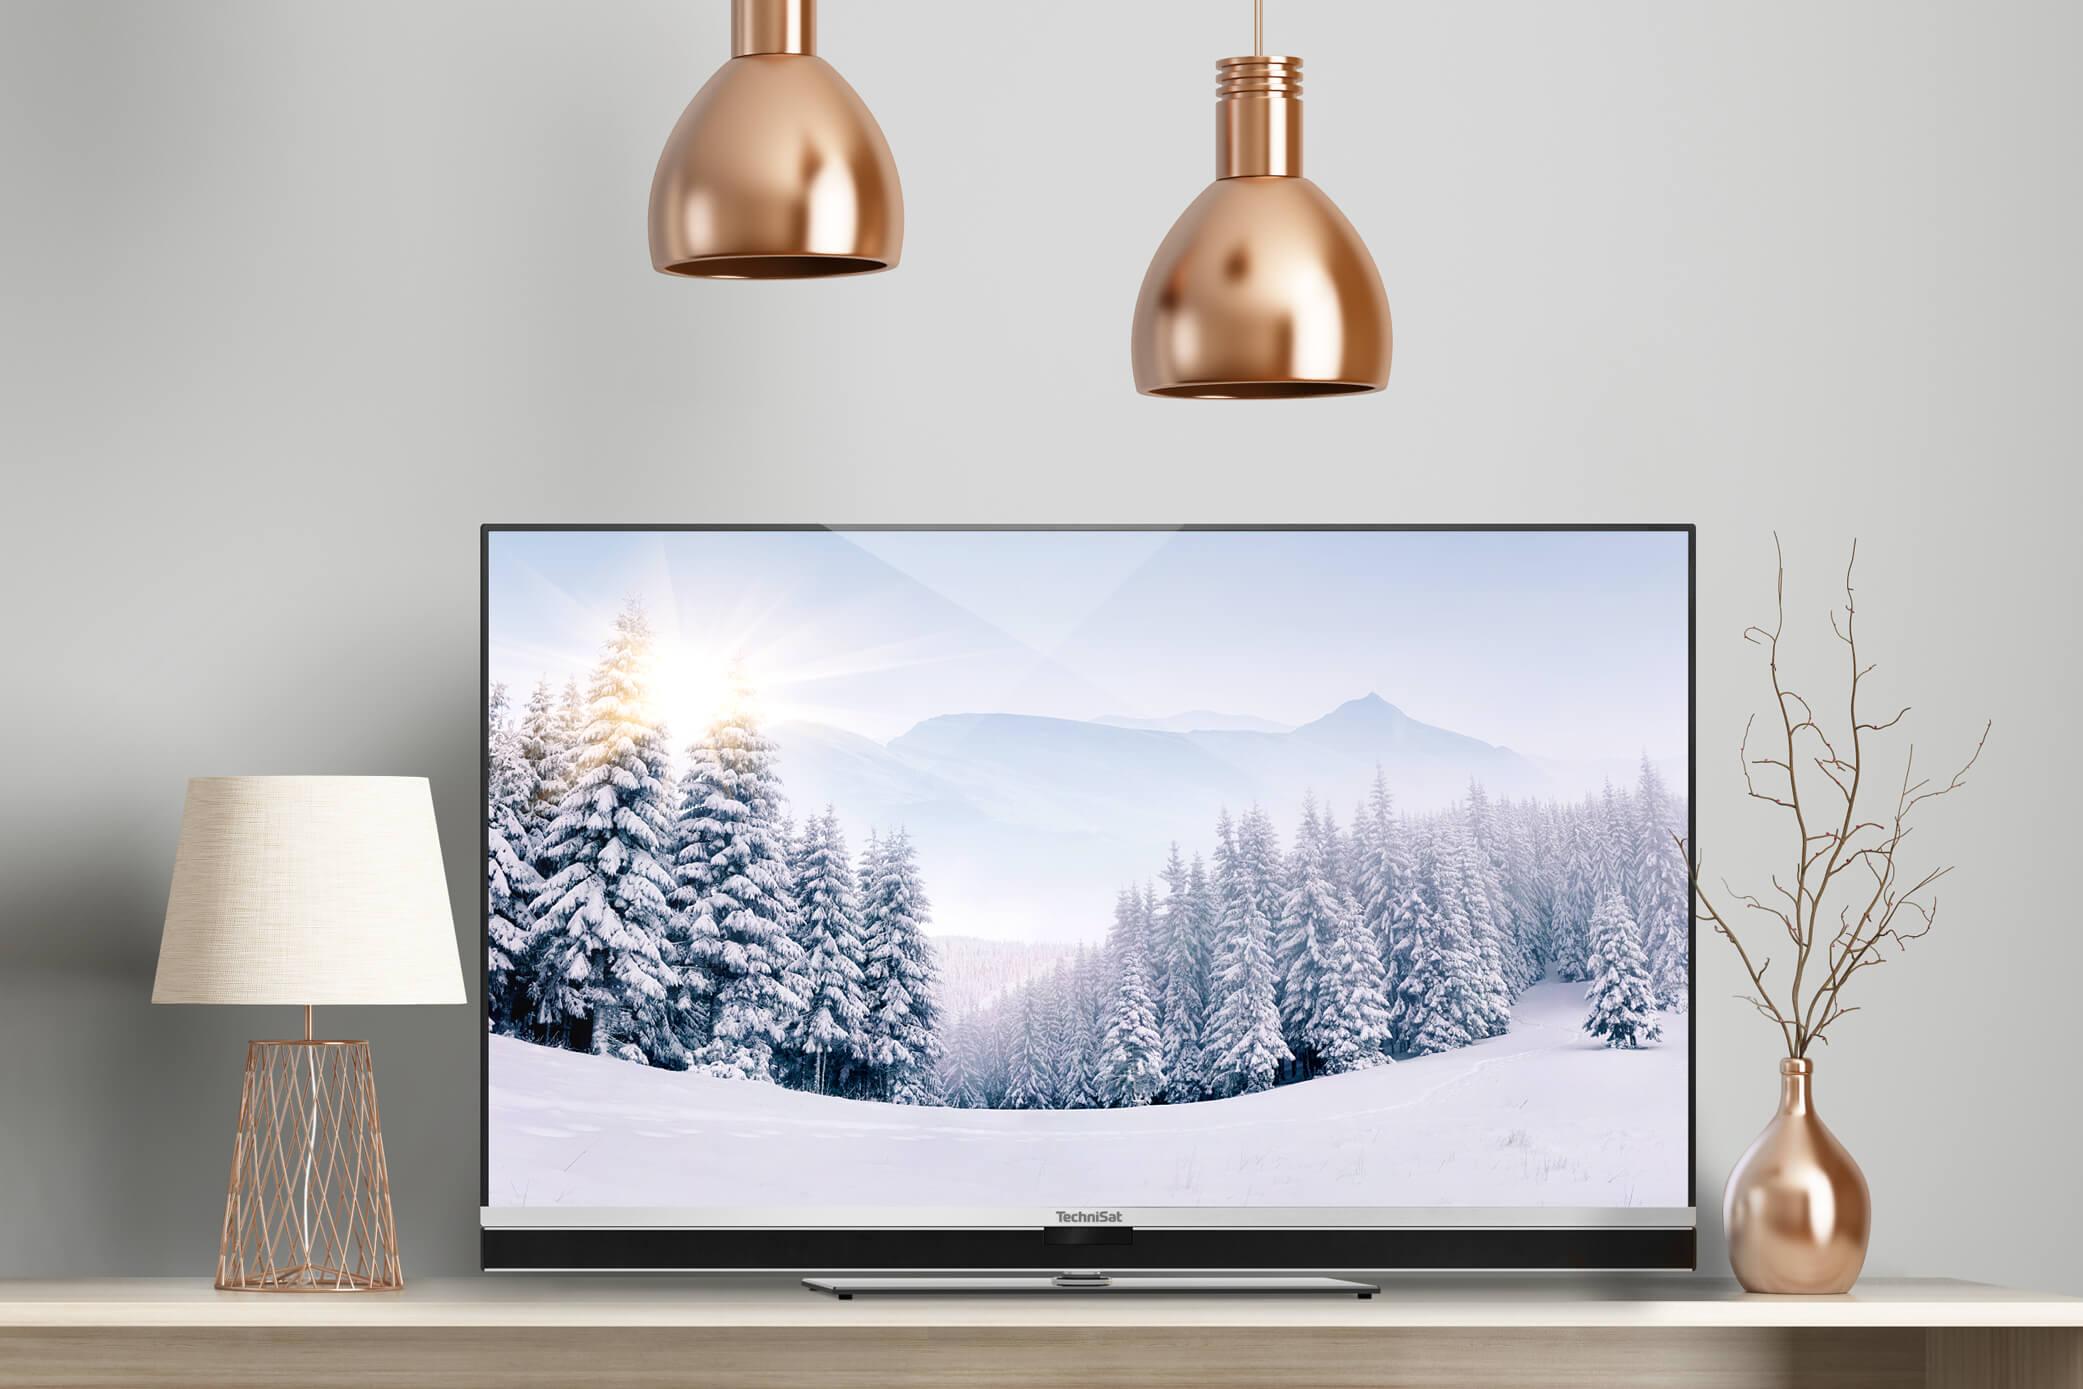 Nahezu jeder Dritte plant die Anschaffung eines UHD-Fernsehers